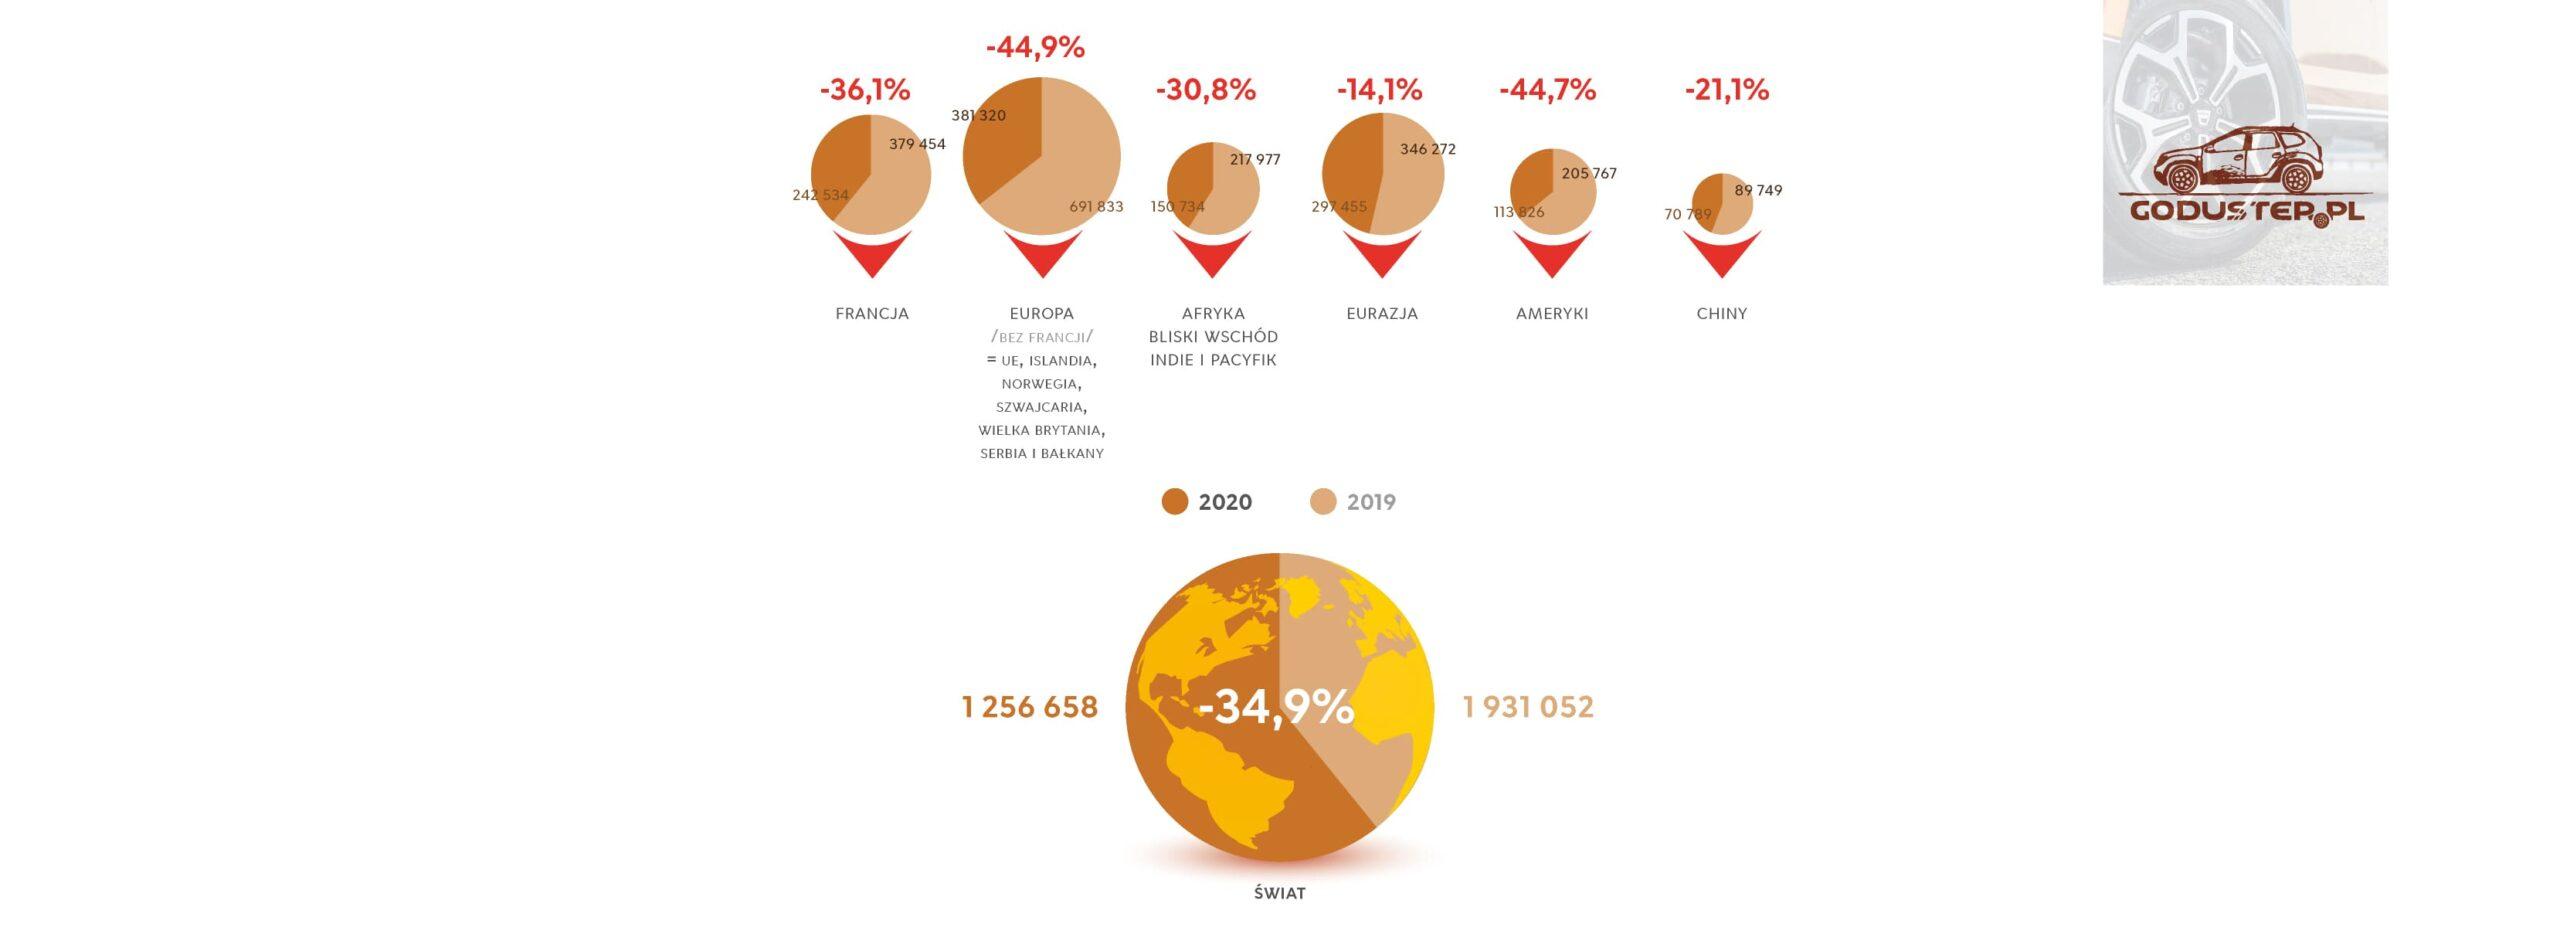 Wyniki Groupe Renault - Ipółroczne 2020/19 - Świat